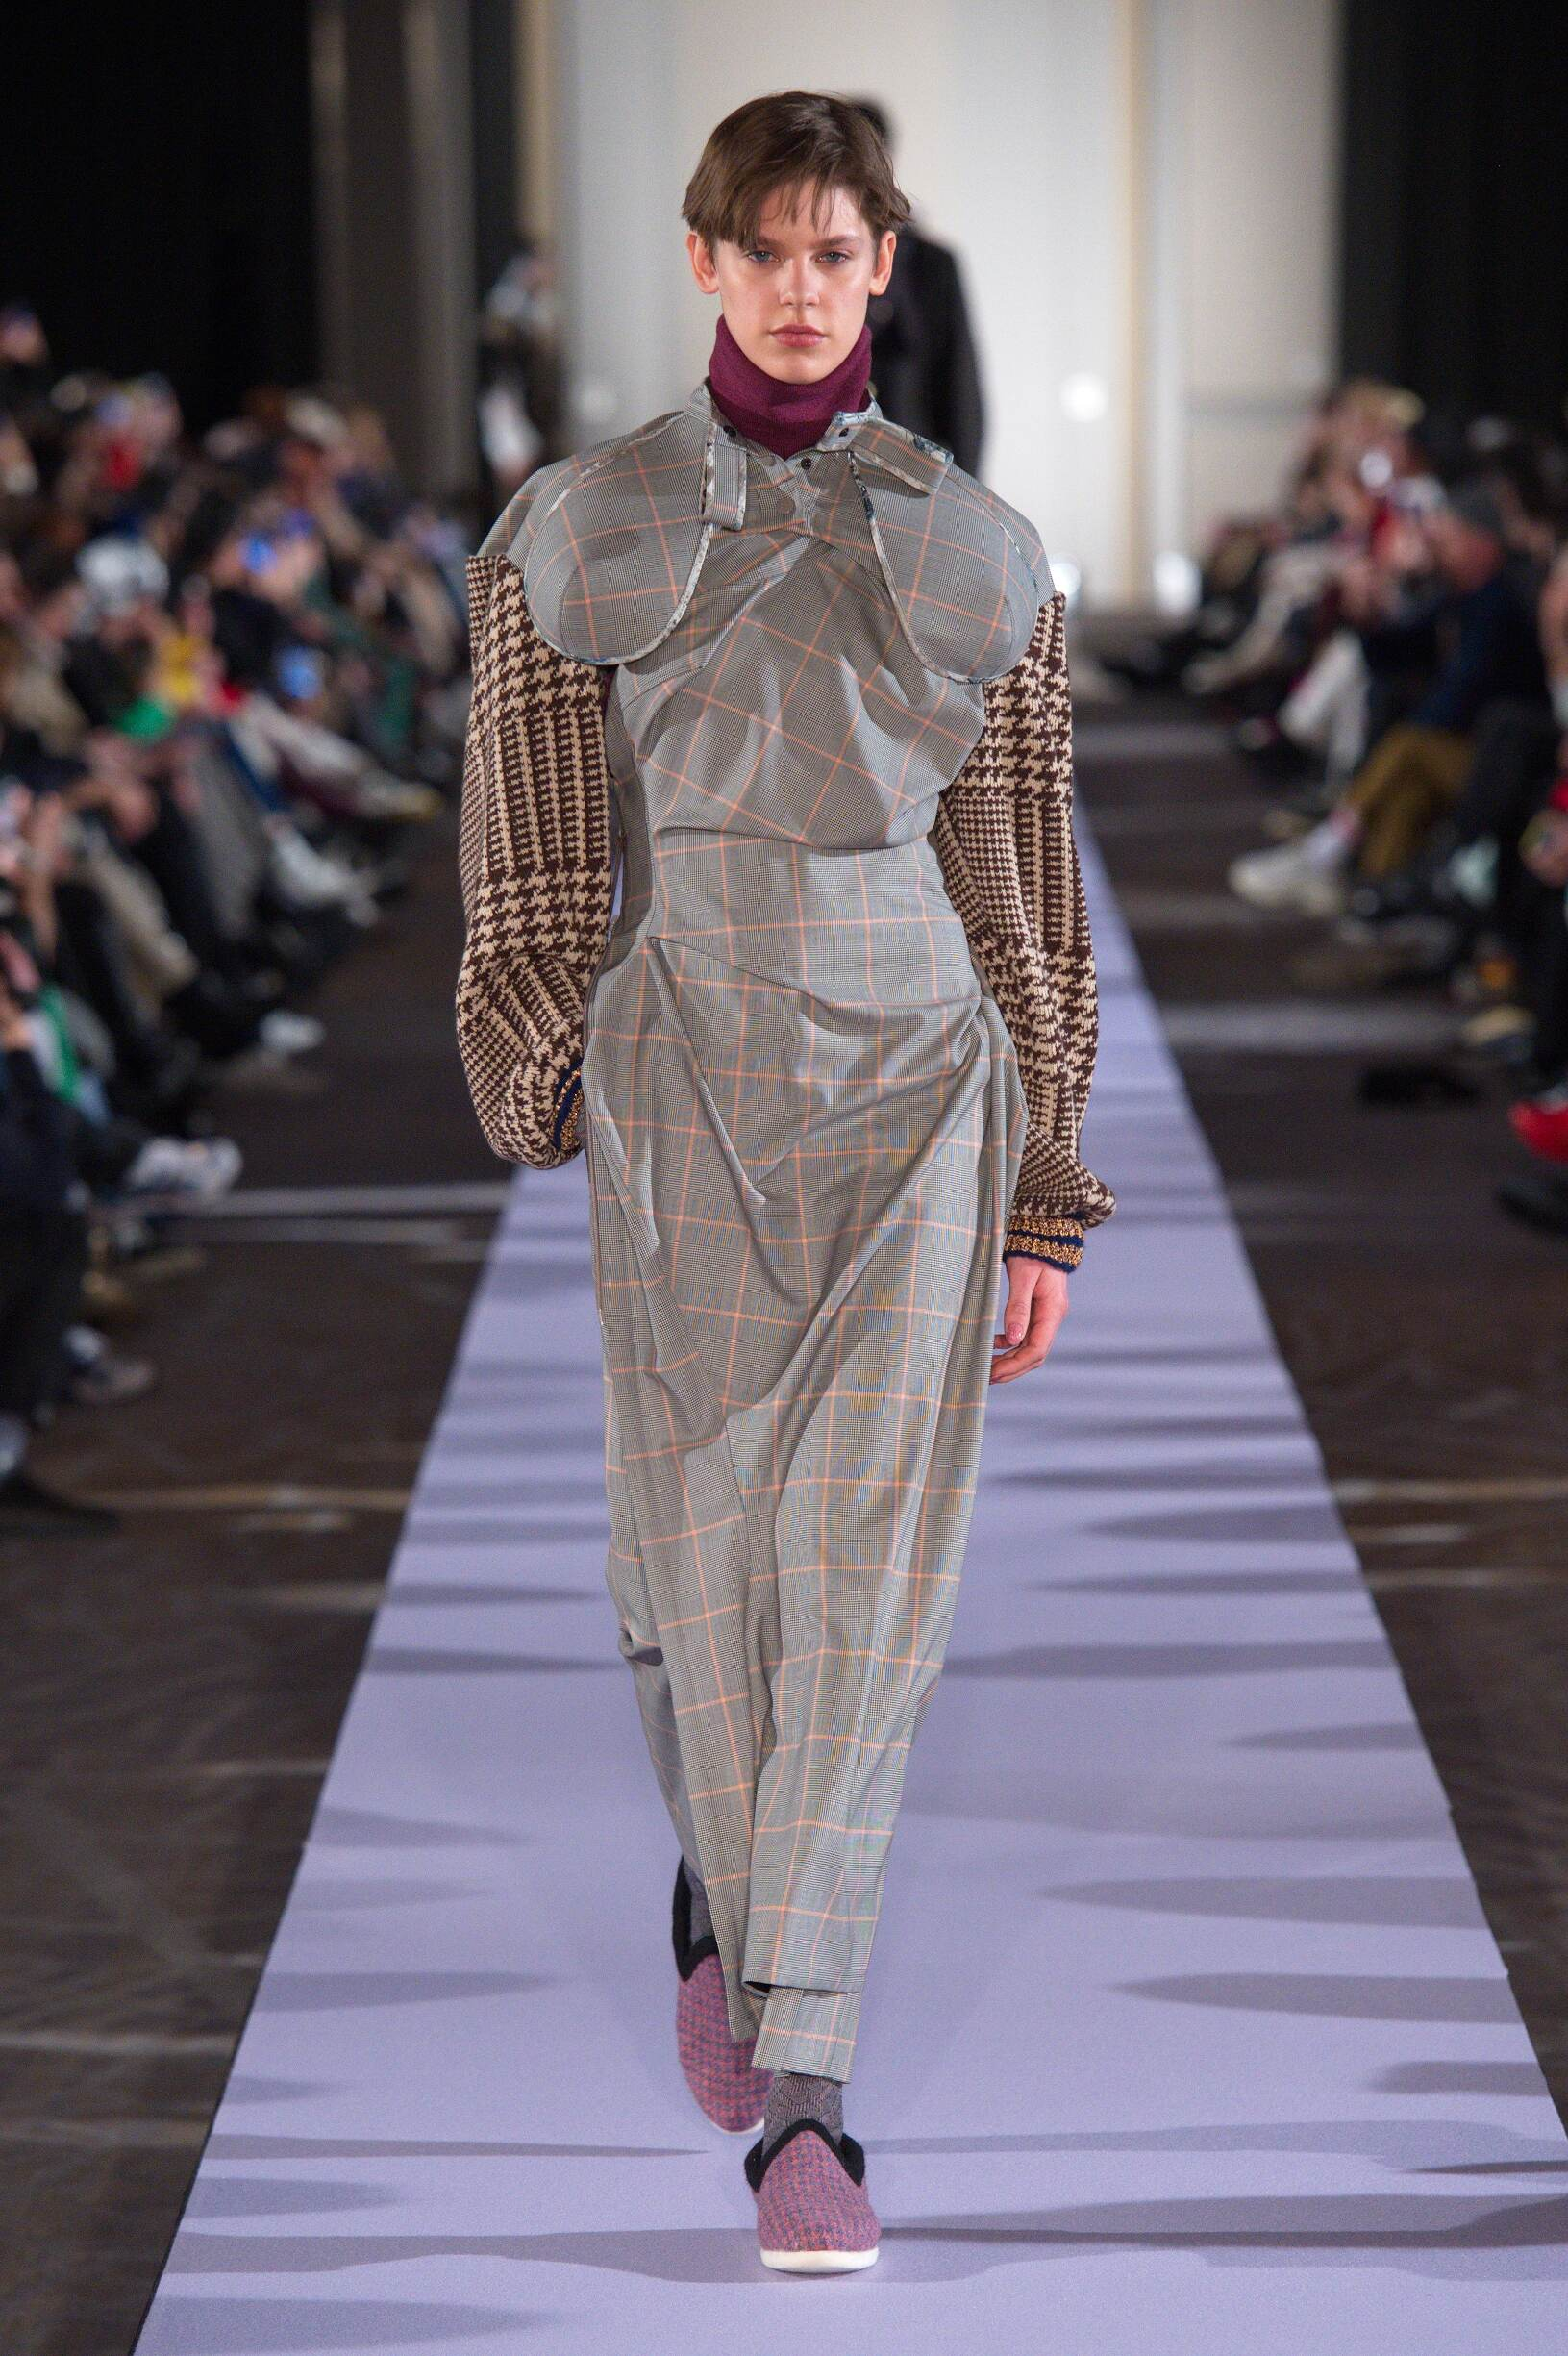 Fashion Model Andreas Kronthaler for Vivienne Westwood Catwalk